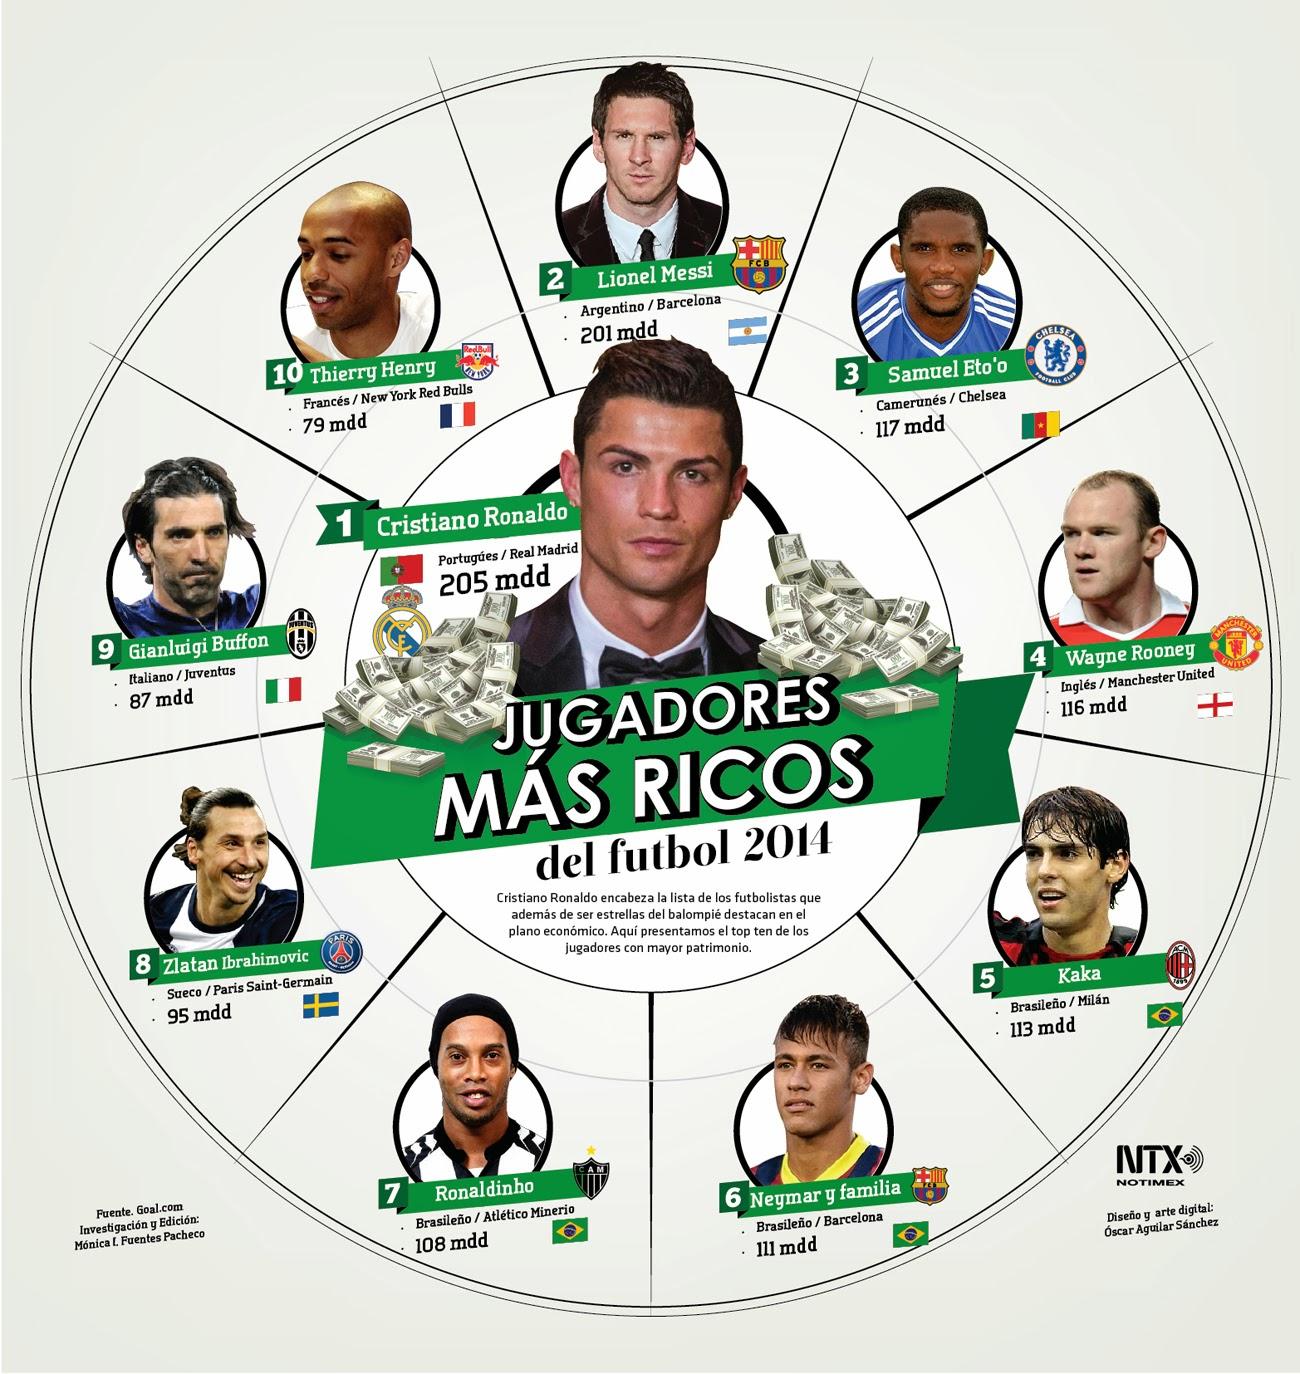 jugadores de futbol mas ricos de 2014